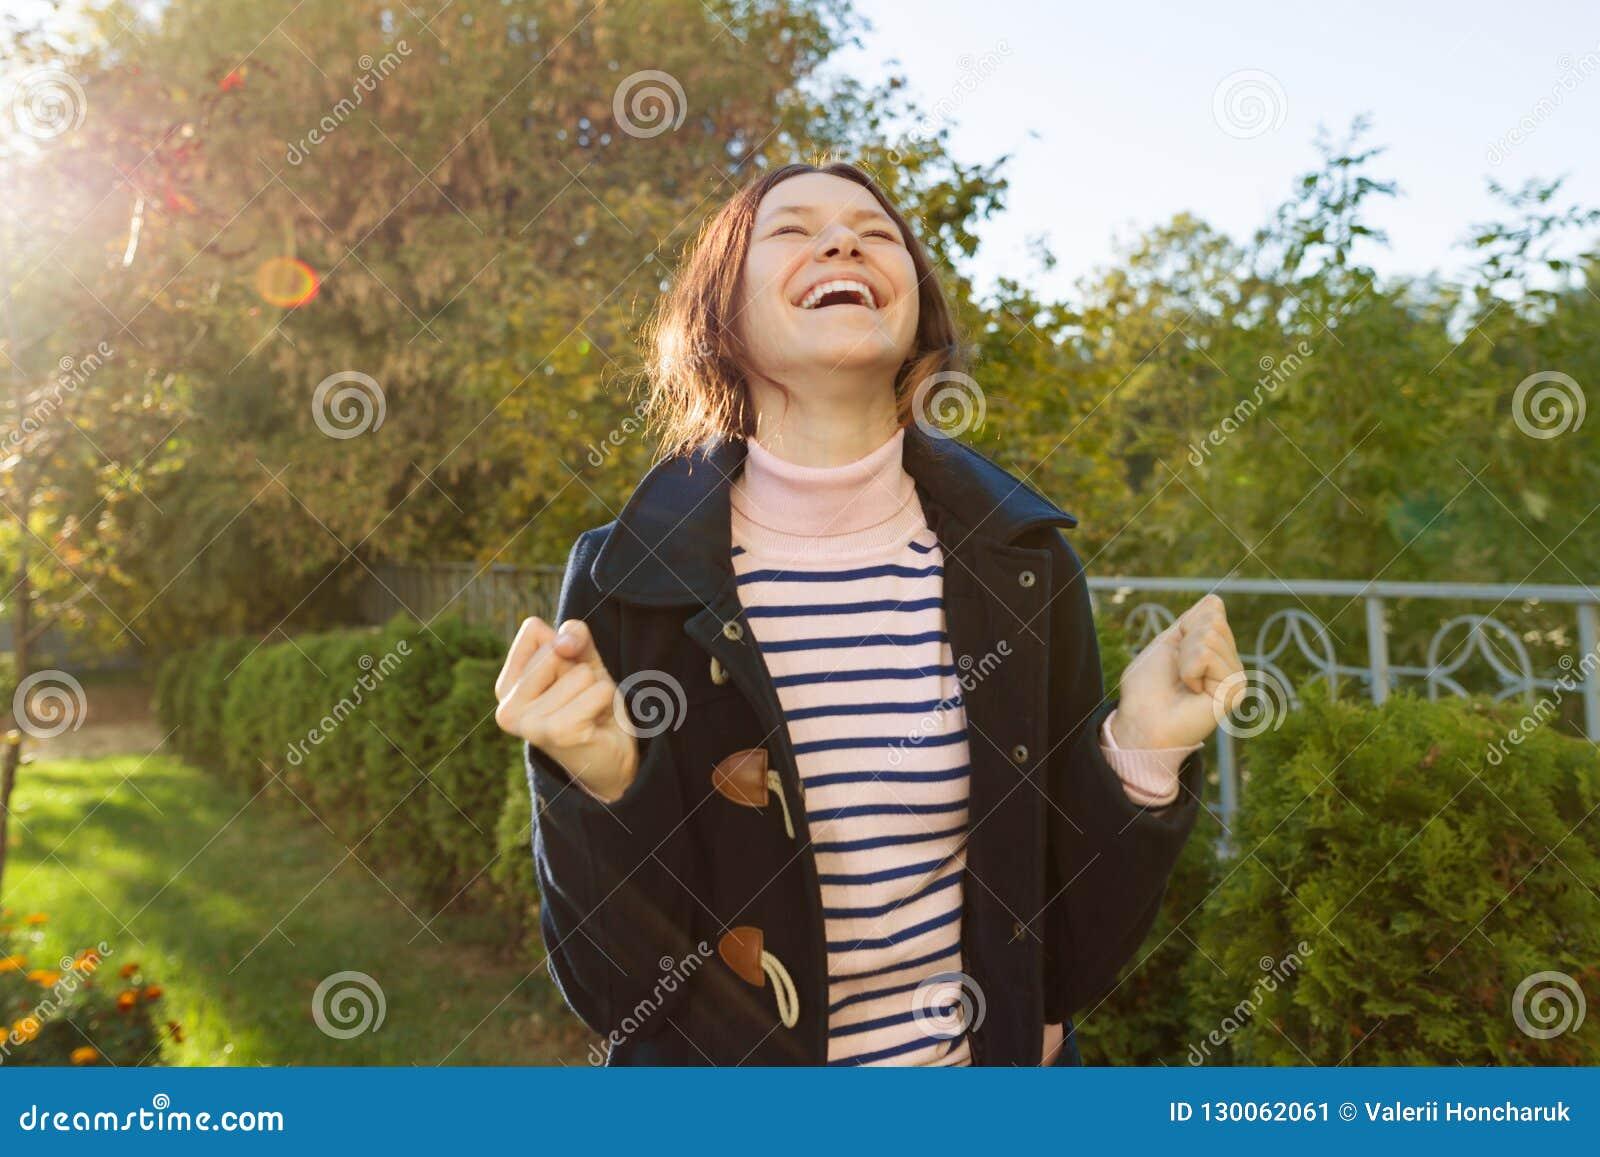 Utomhus- stående av en ung tonårig flicka med en sinnesrörelse av lycka, framgång, seger, guld- timme